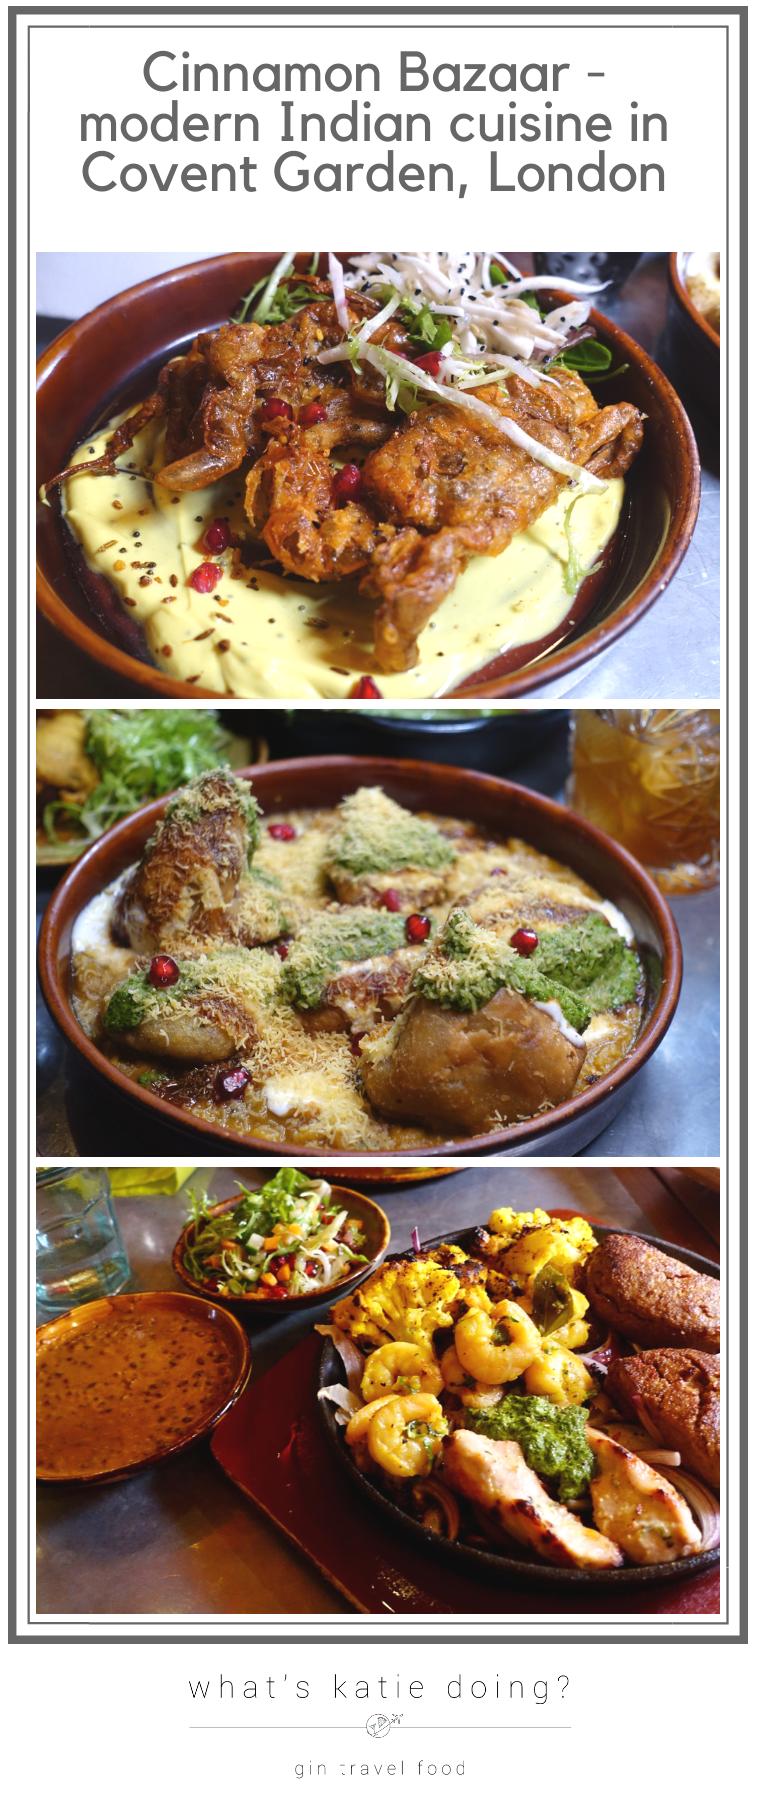 Cinnamon Bazaar restaurant review - modern Indian cuisine in Covent Garden, London